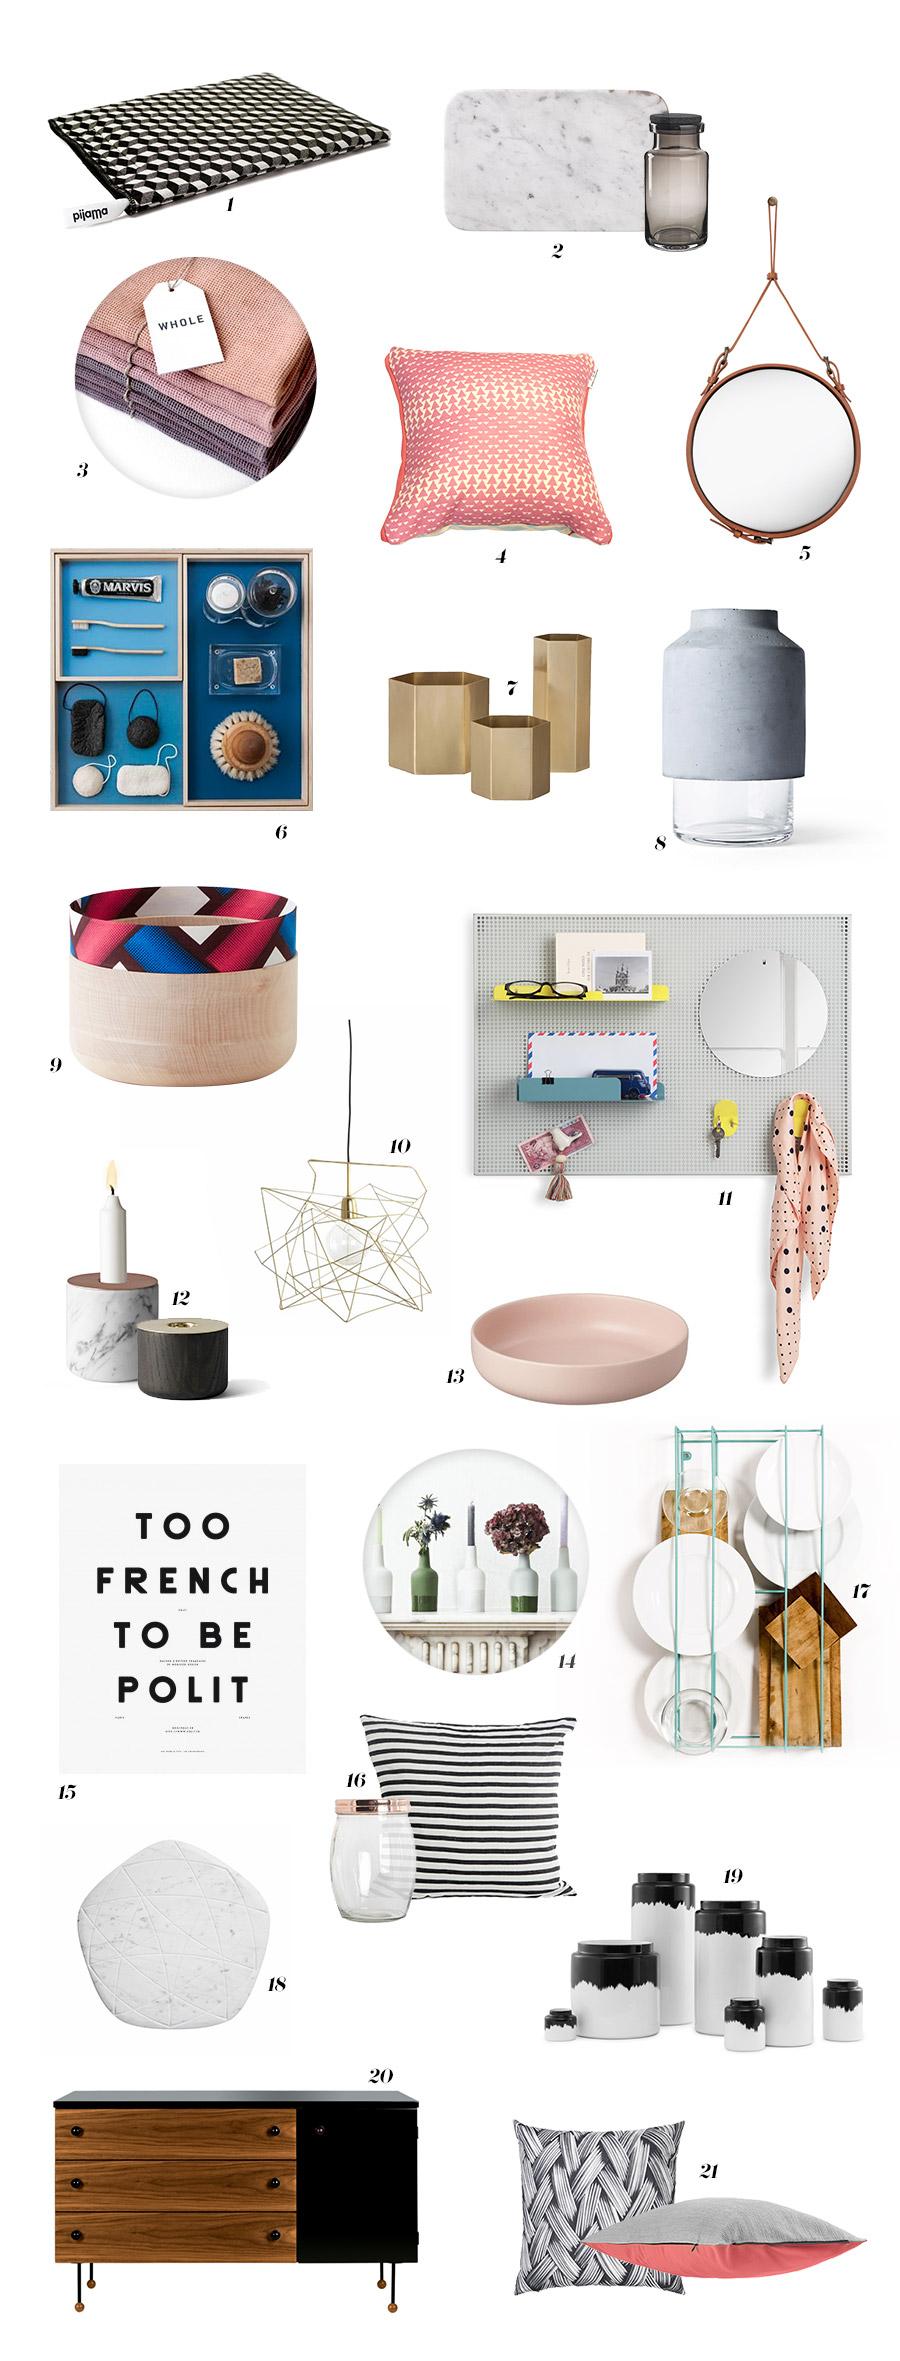 Maison objet 2014 notre best of julia et max inspire your every day - Maison et objet 2014 ...